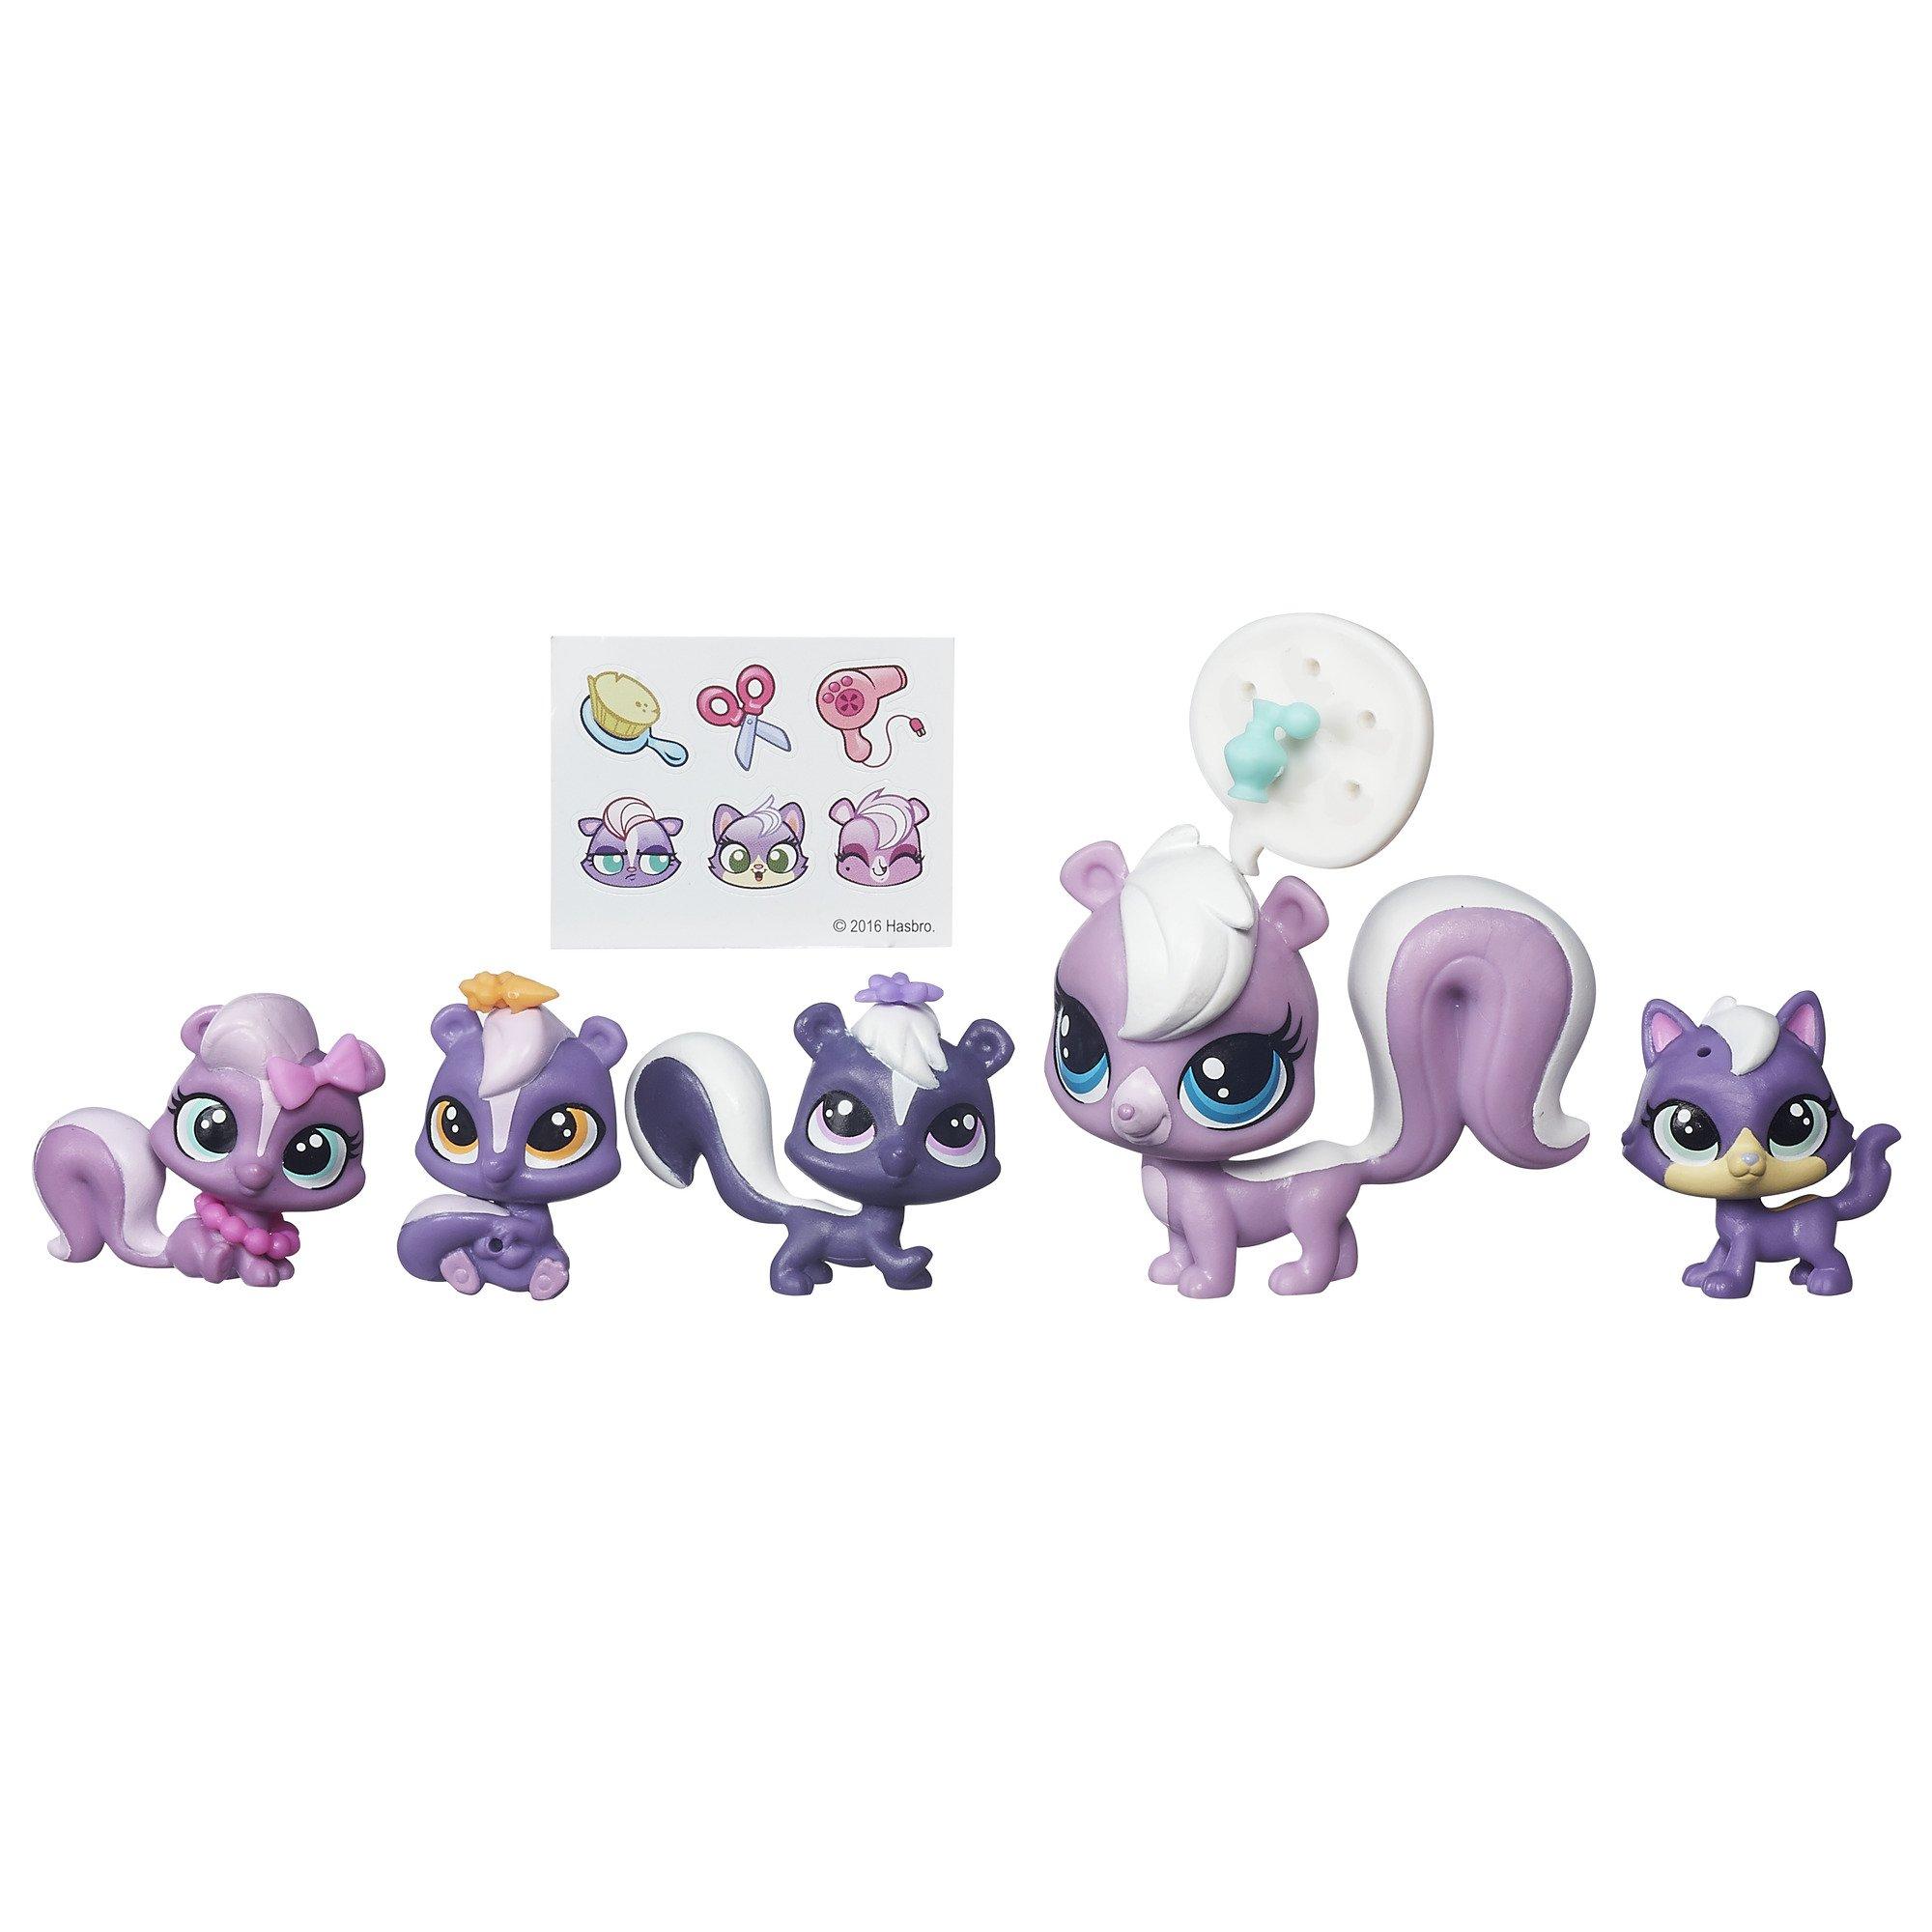 Littlest Pet Shop Surprise Families Mini Pet Pack (Skunks) 4